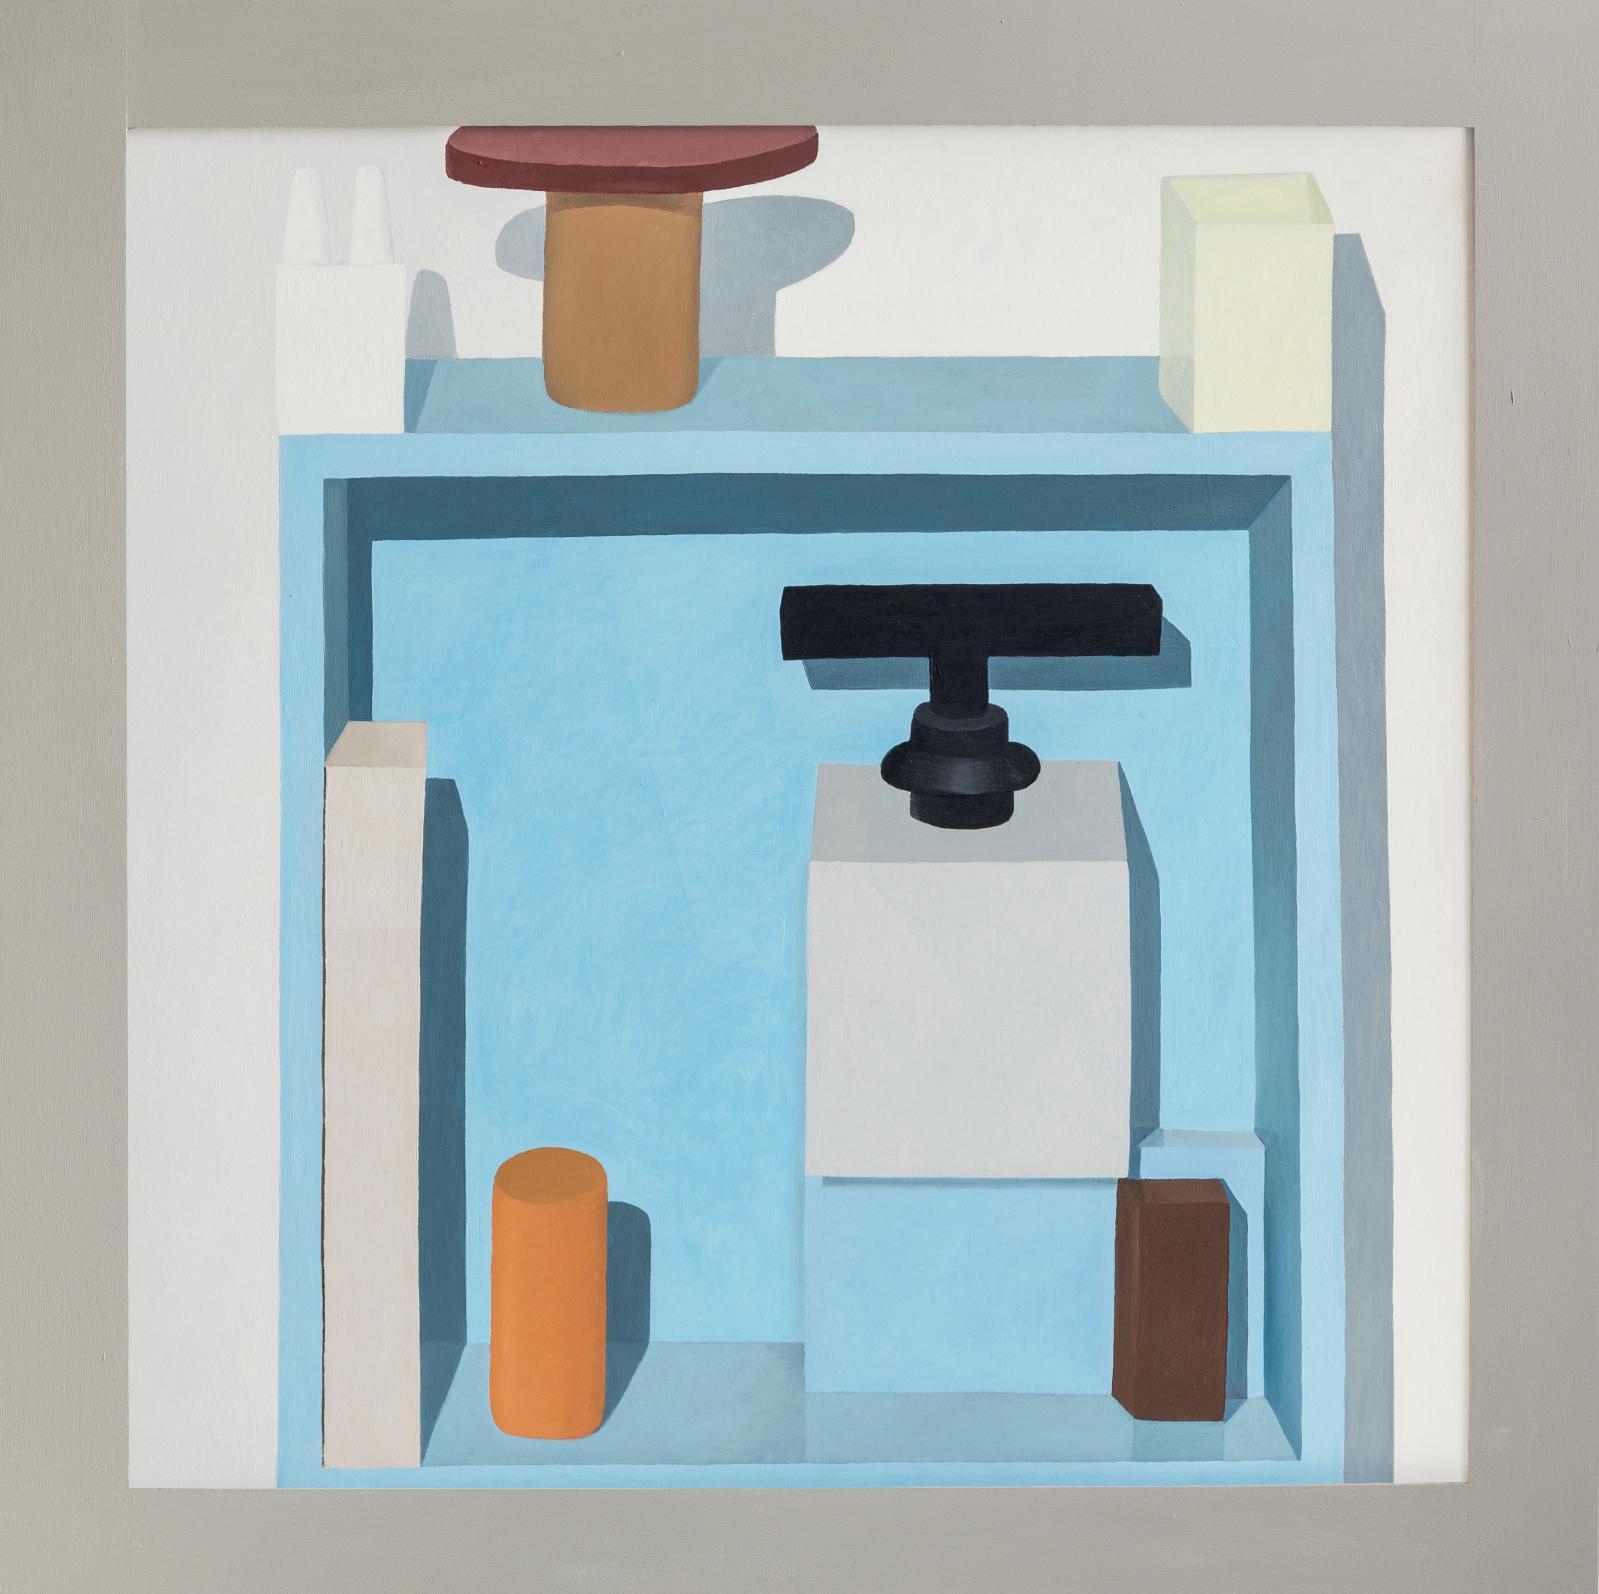 Nathalie Du Pasquier (née en 1957), Untitled,2014, huile sur toile avec cadre peint, 120 x 120 cm. Collection Hiscox.